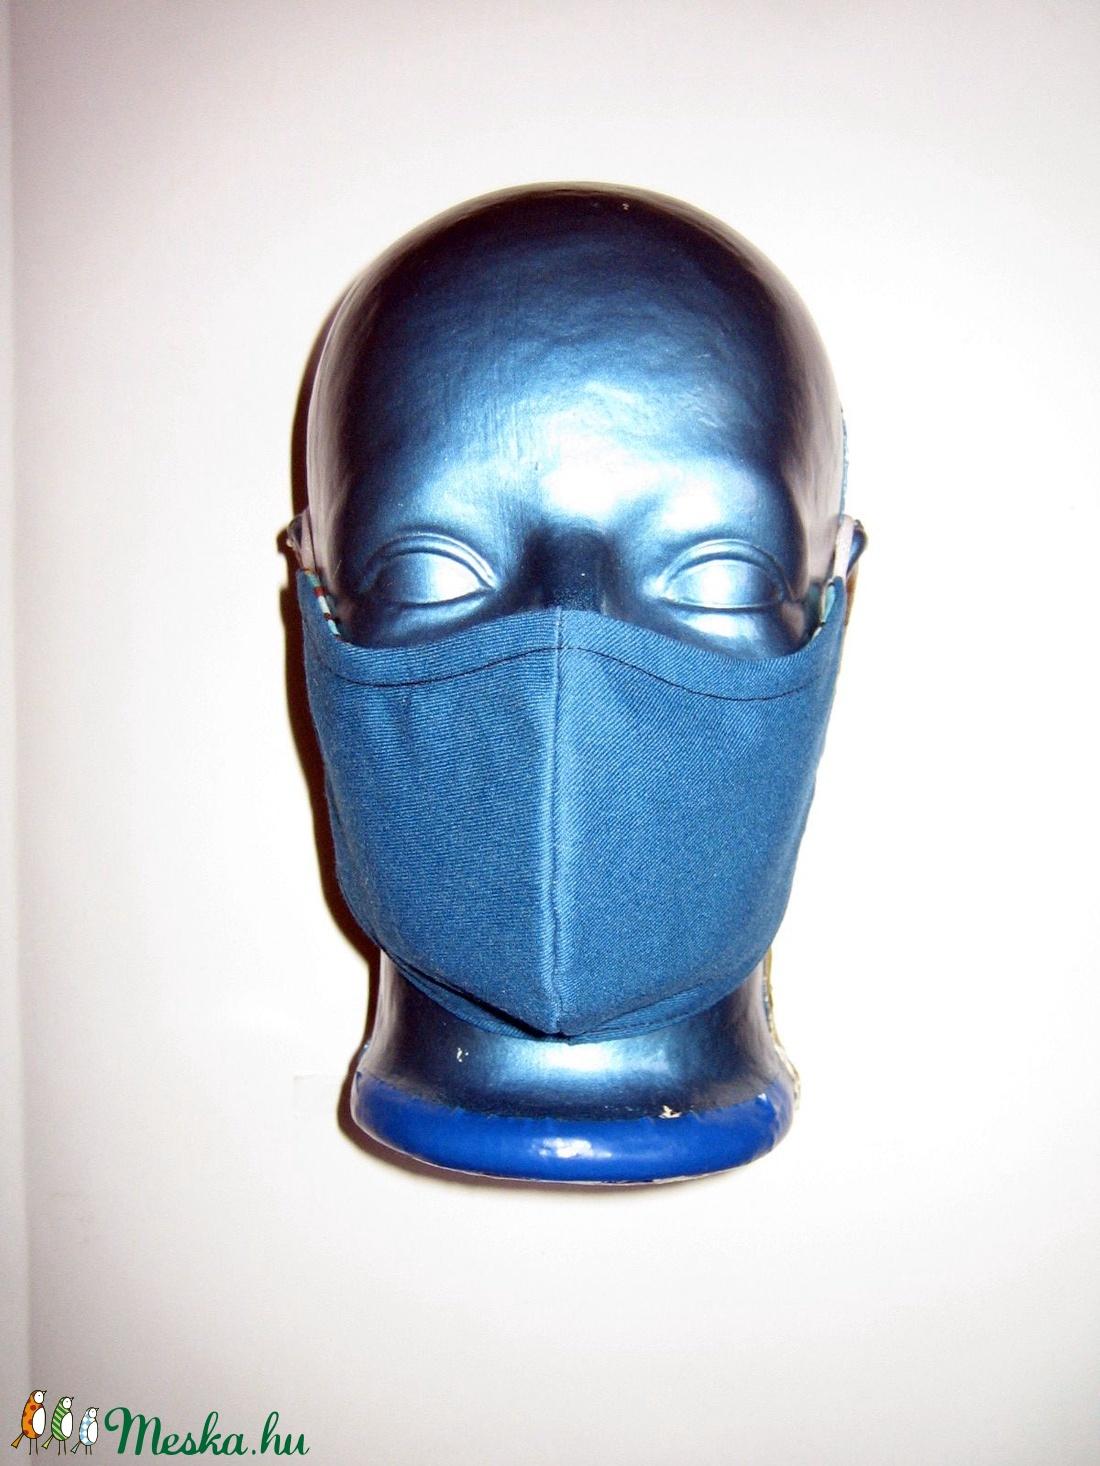 Minőségi Szájmaszk szabályozható gumival arcmaszk 2in1 textil maszk  - maszk, arcmaszk - női - Meska.hu